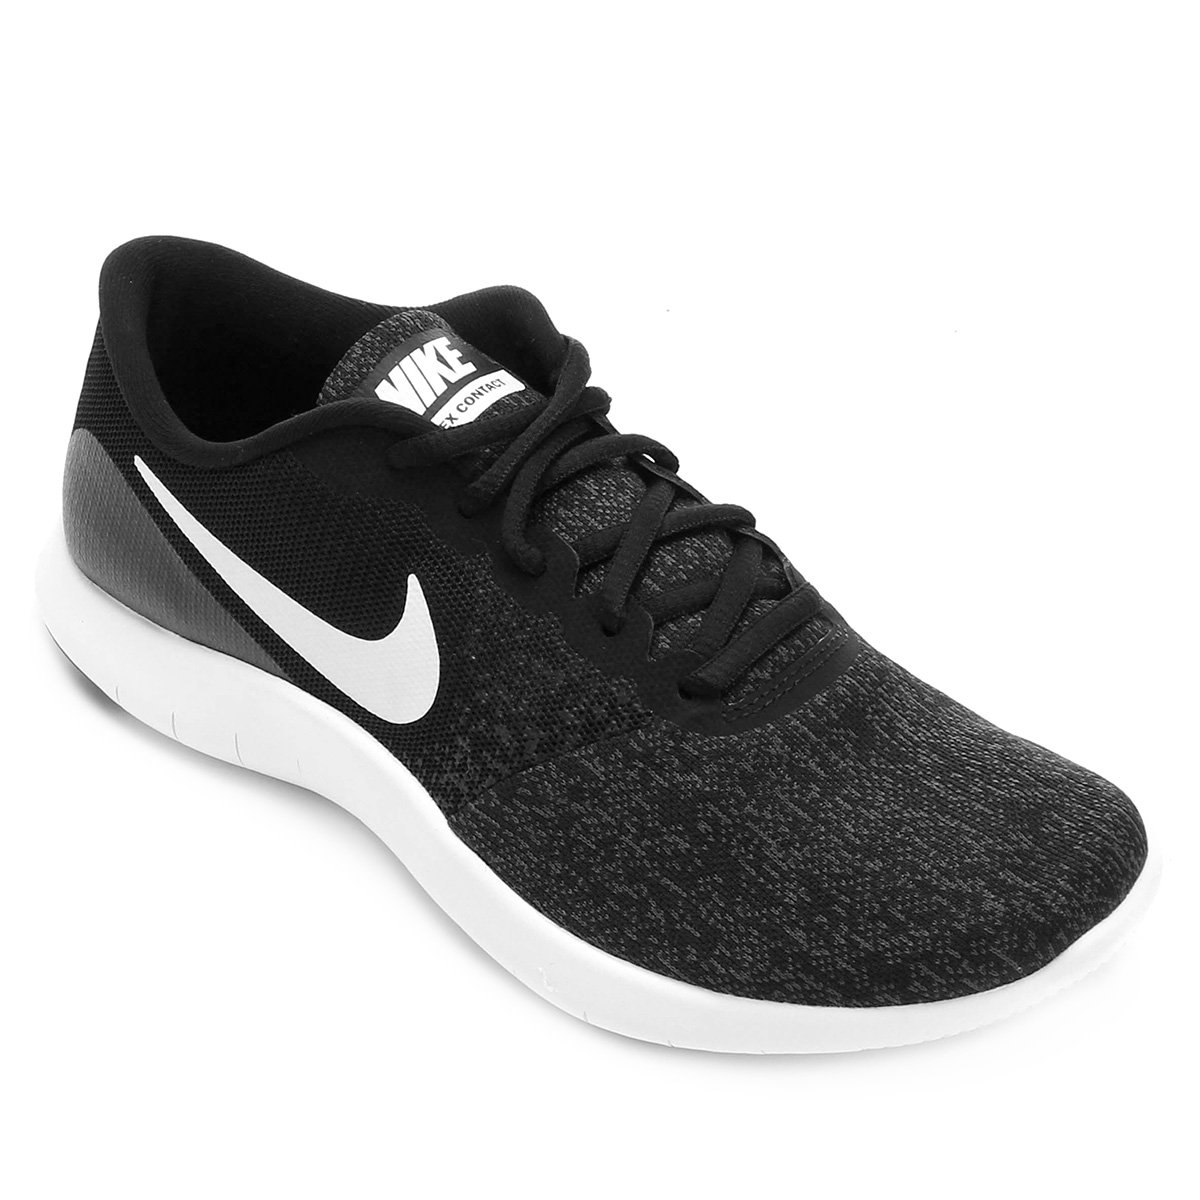 Tênis Nike Flex Contact Feminino - Preto e Grafite - Compre Agora ... 4adb096102dab